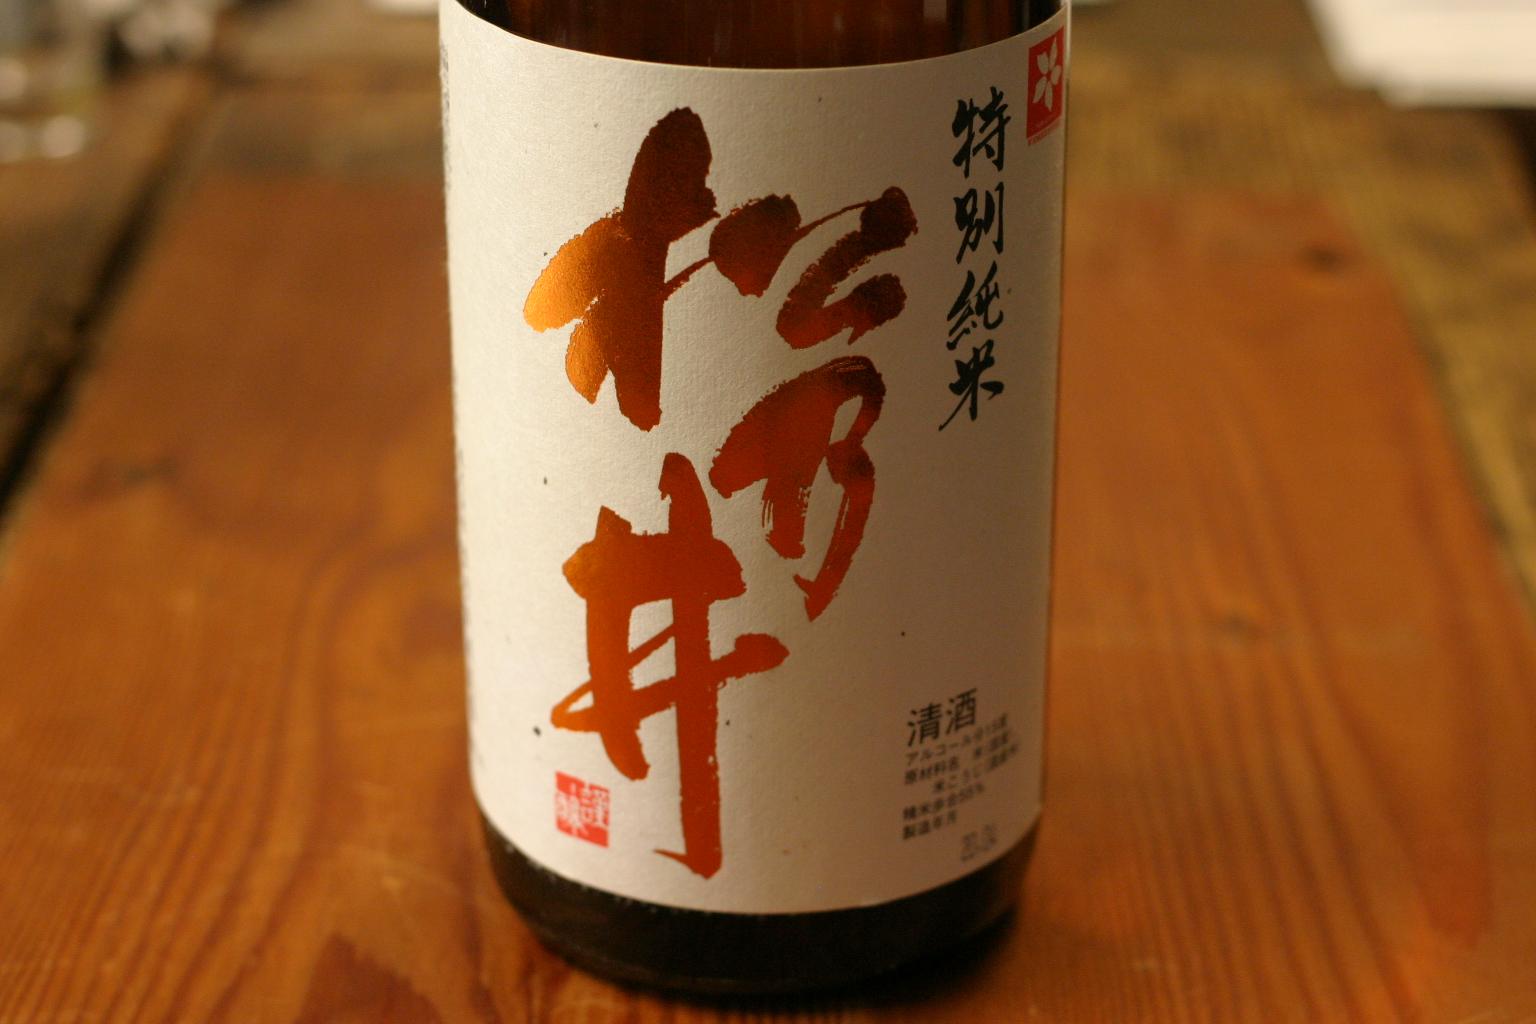 セール 登場から人気沸騰 松乃井酒造 松乃井 720ml ご注文で当日配送 特別純米